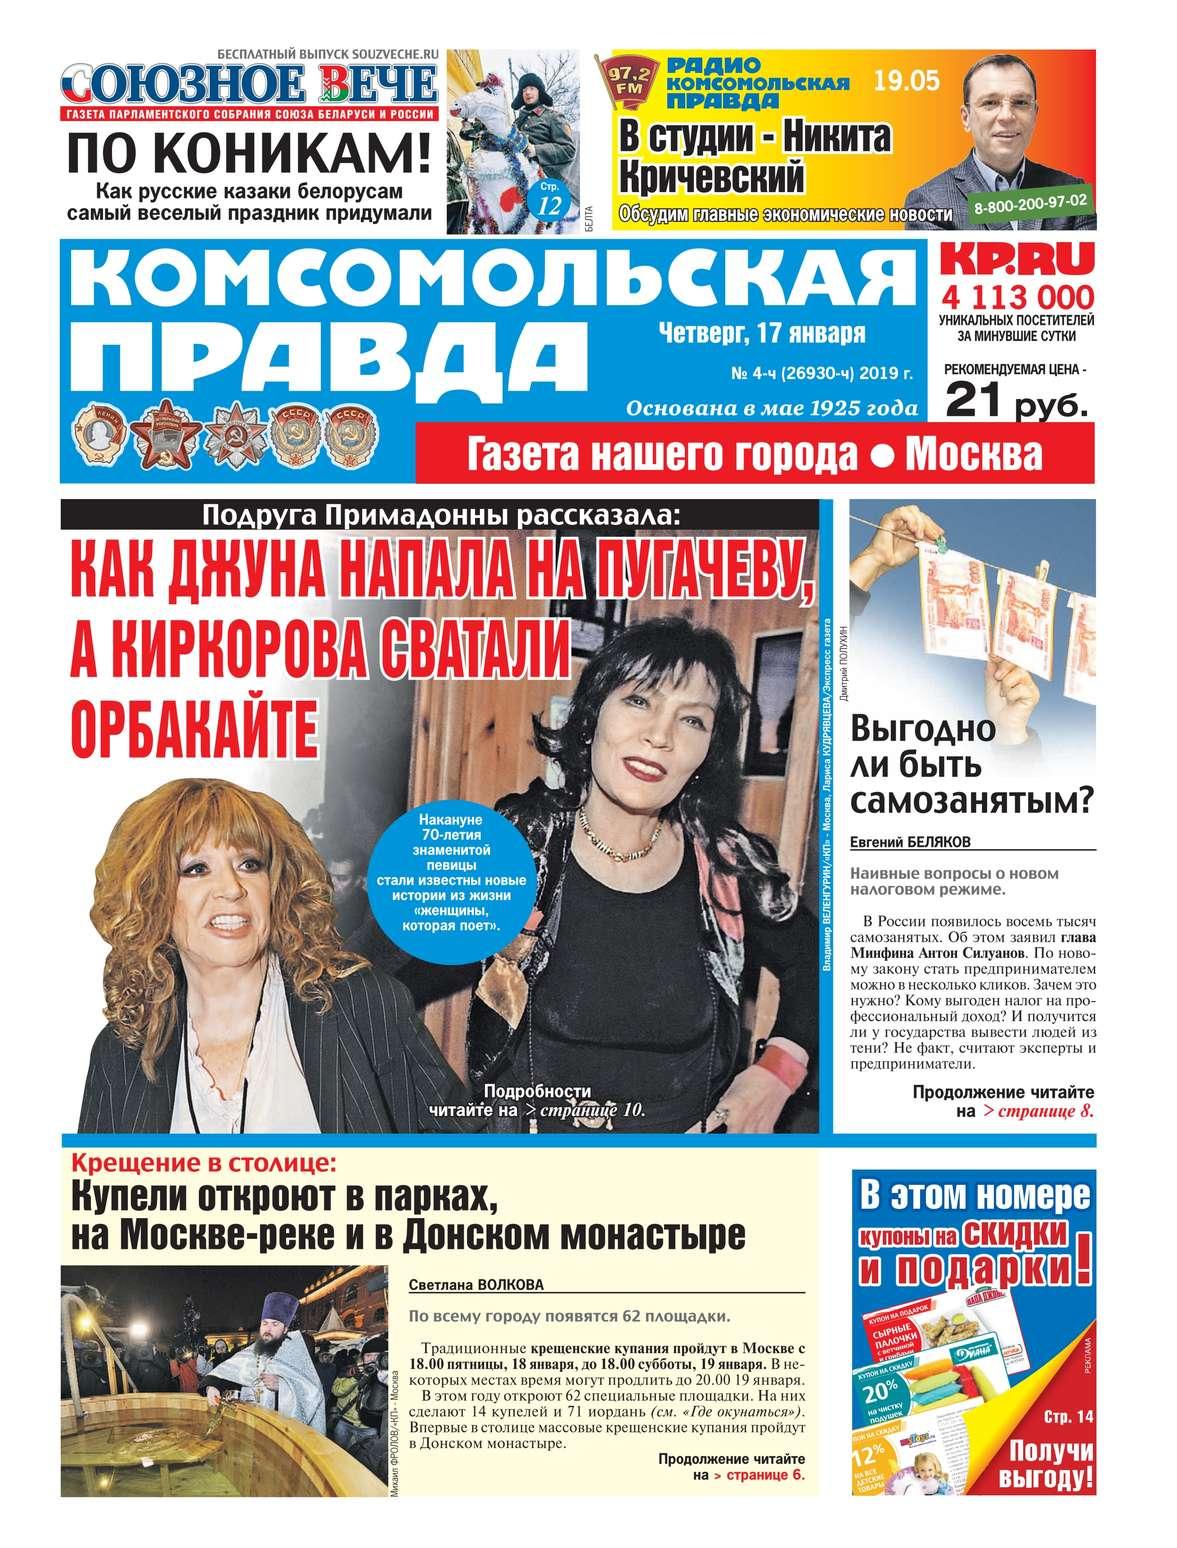 Комсомольская Правда. Москва 4ч-2019